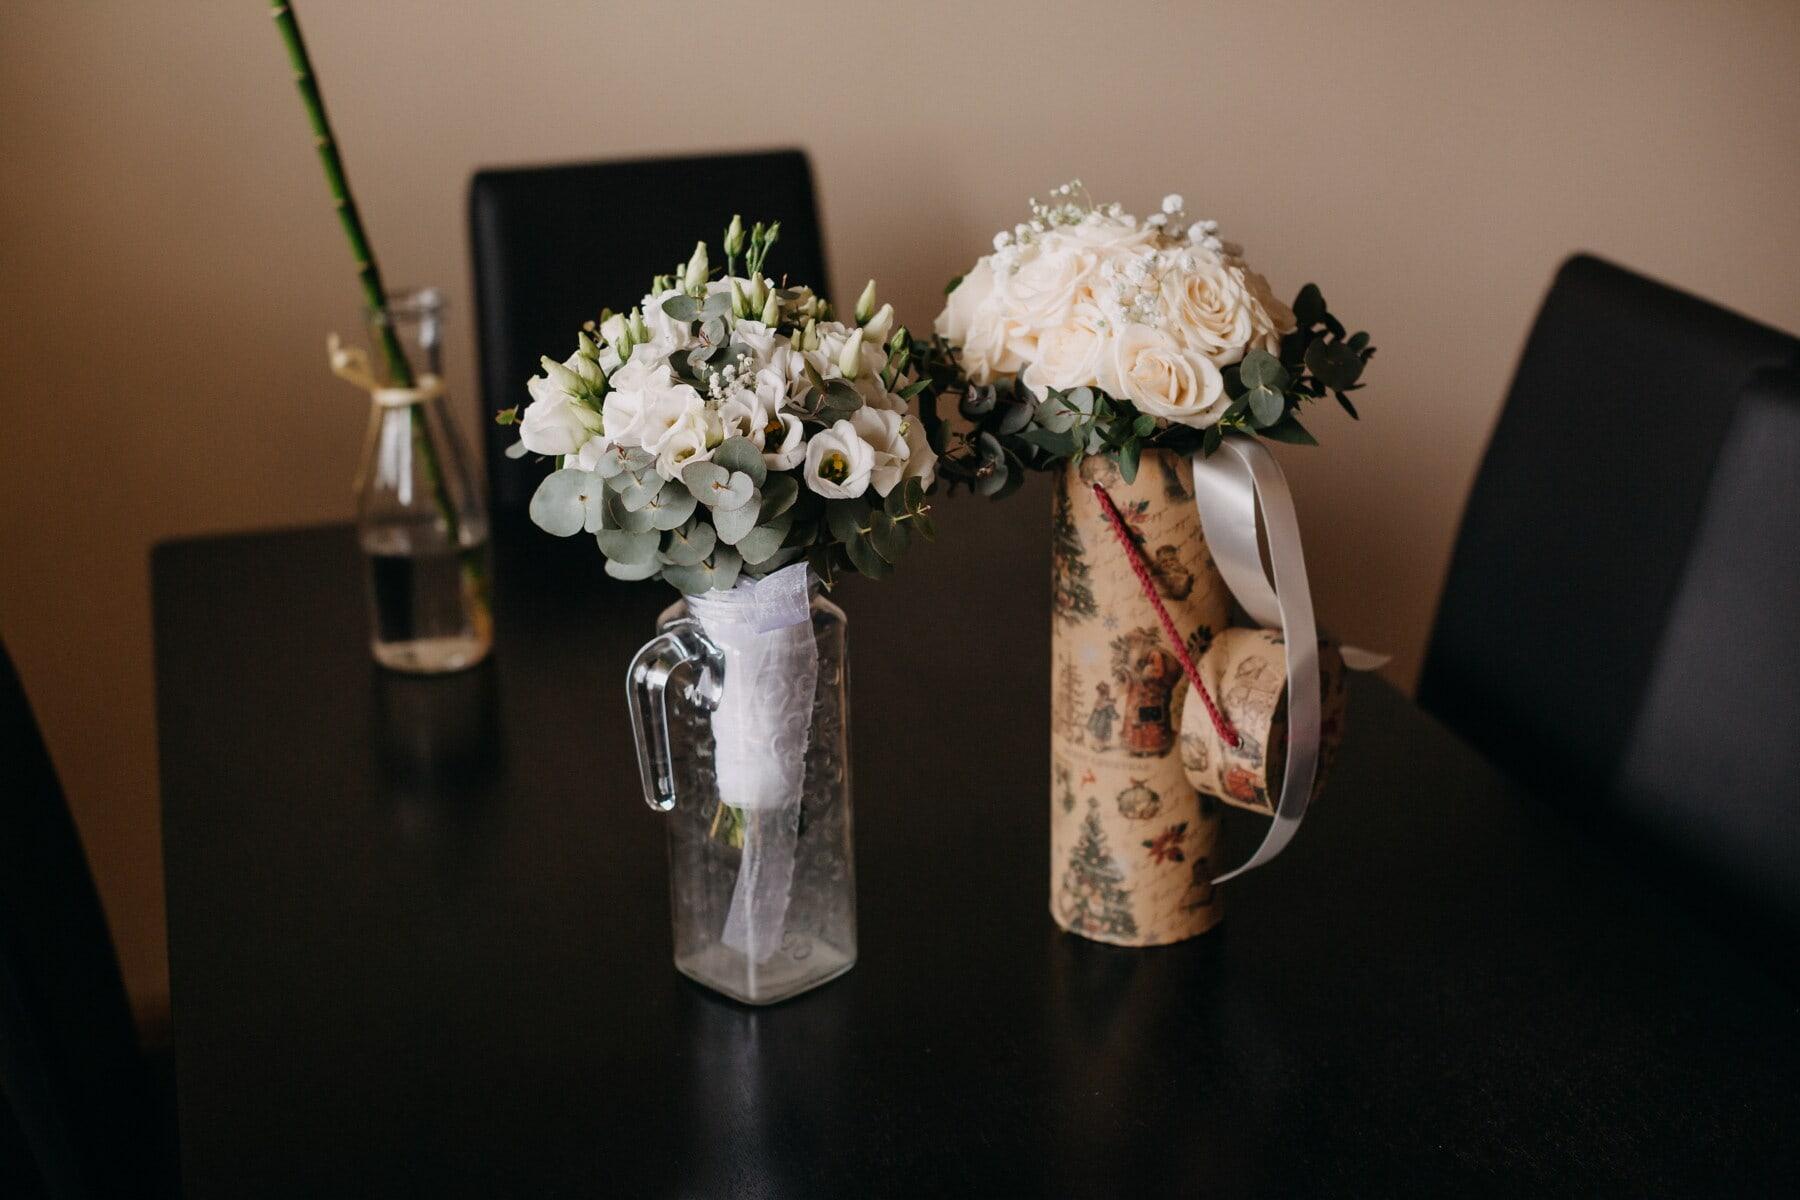 букет, столове, офис, маса, вътрешна украса, ваза, елегантност, рози, минимализъм, натюрморт